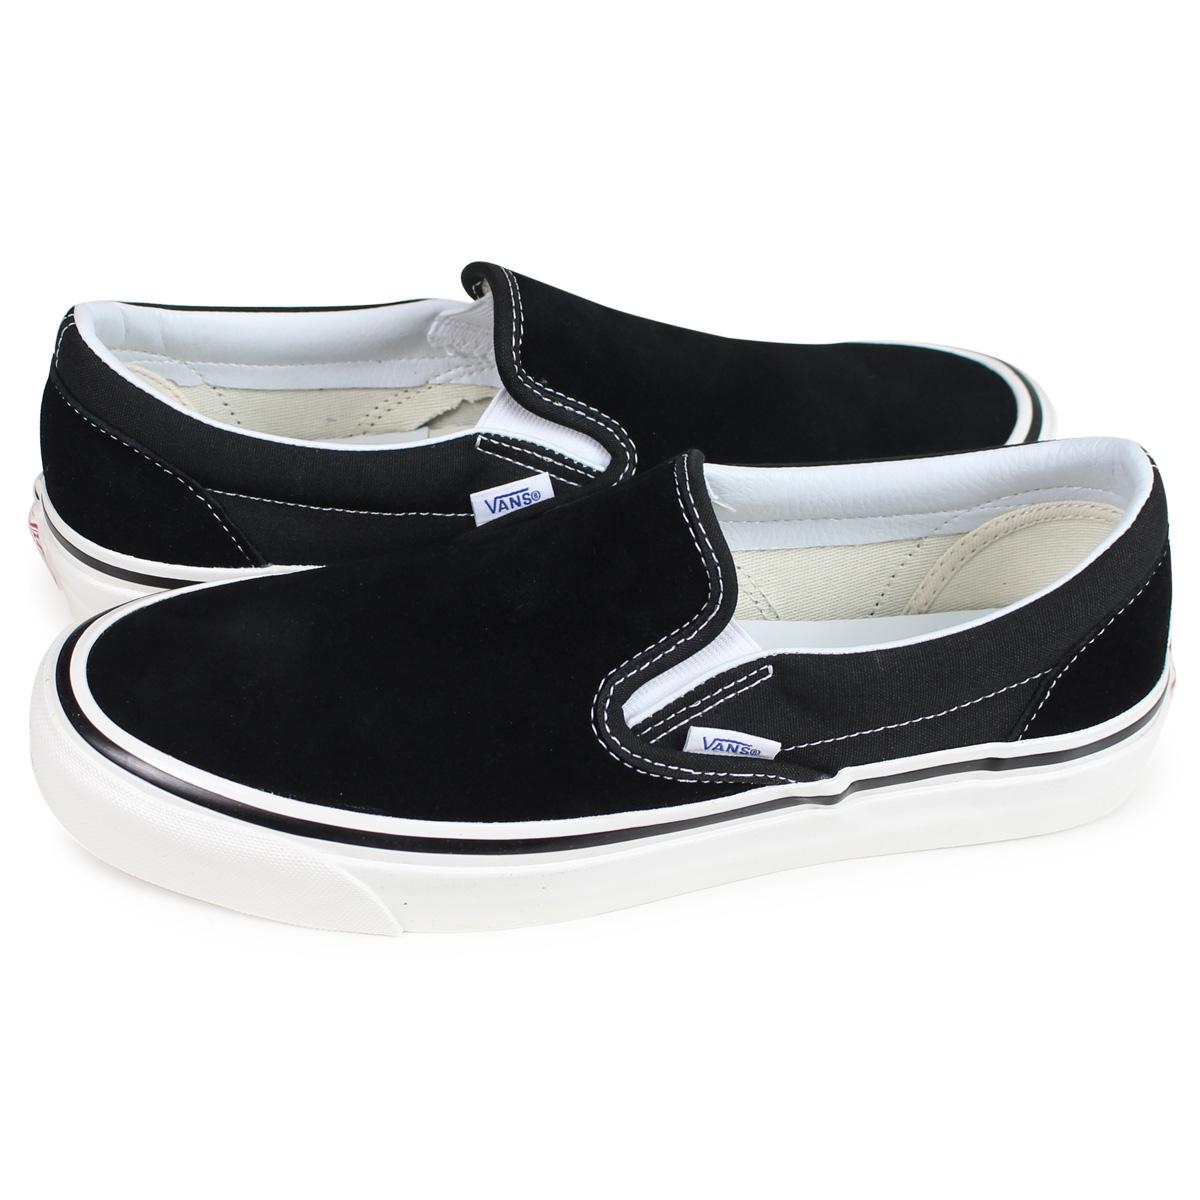 7a089d11c347 98 VANS CLASSIC SLIP-ON vans slip-ons classical music sneakers men gap Dis  ...